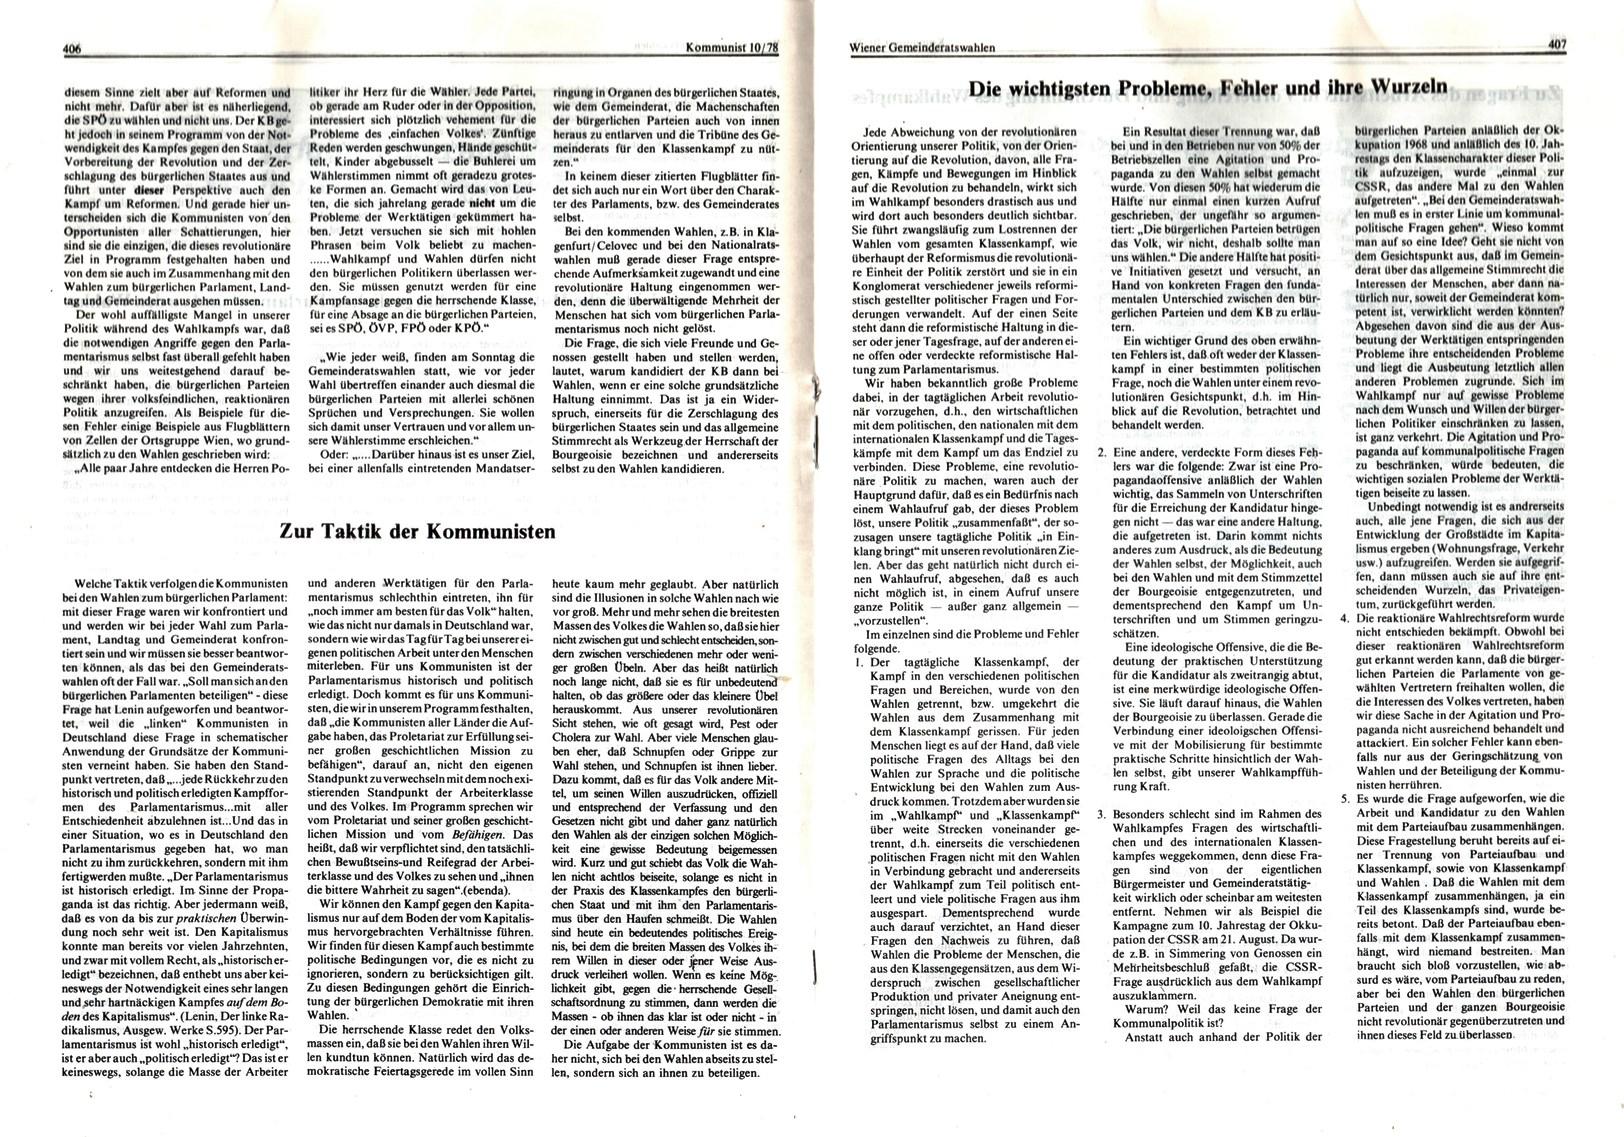 KBOe_TO_Kommunist_19781200_010_009